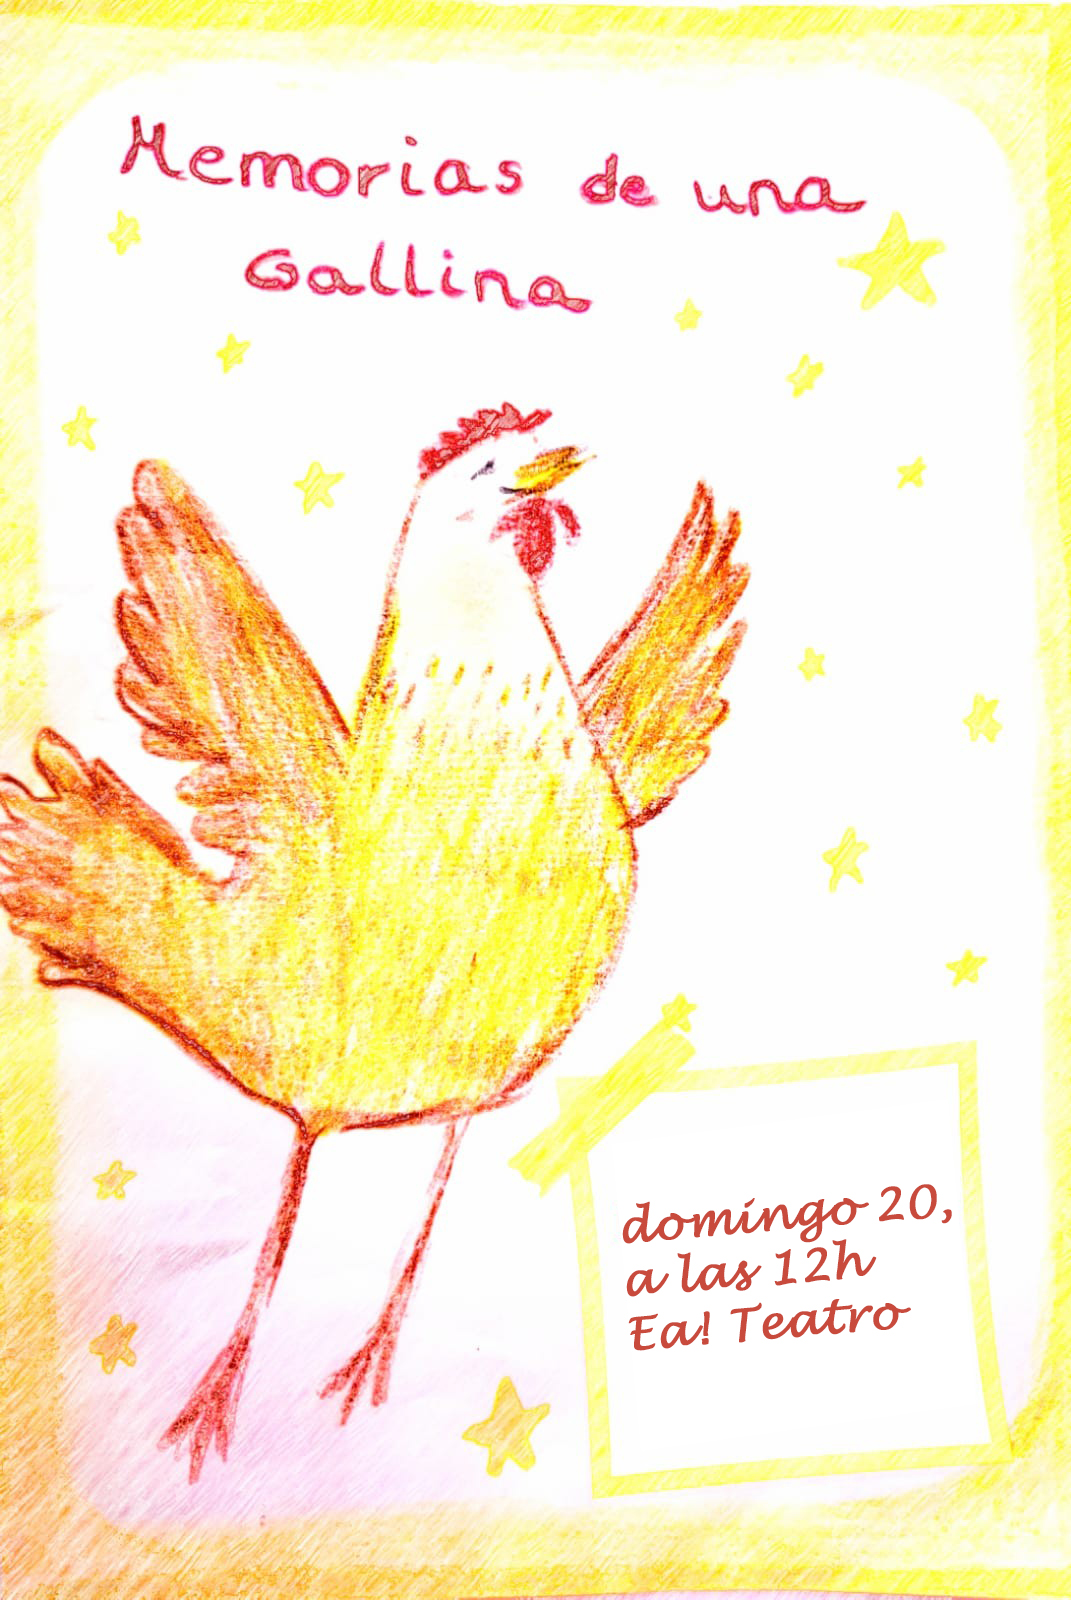 Memorias de una gallina